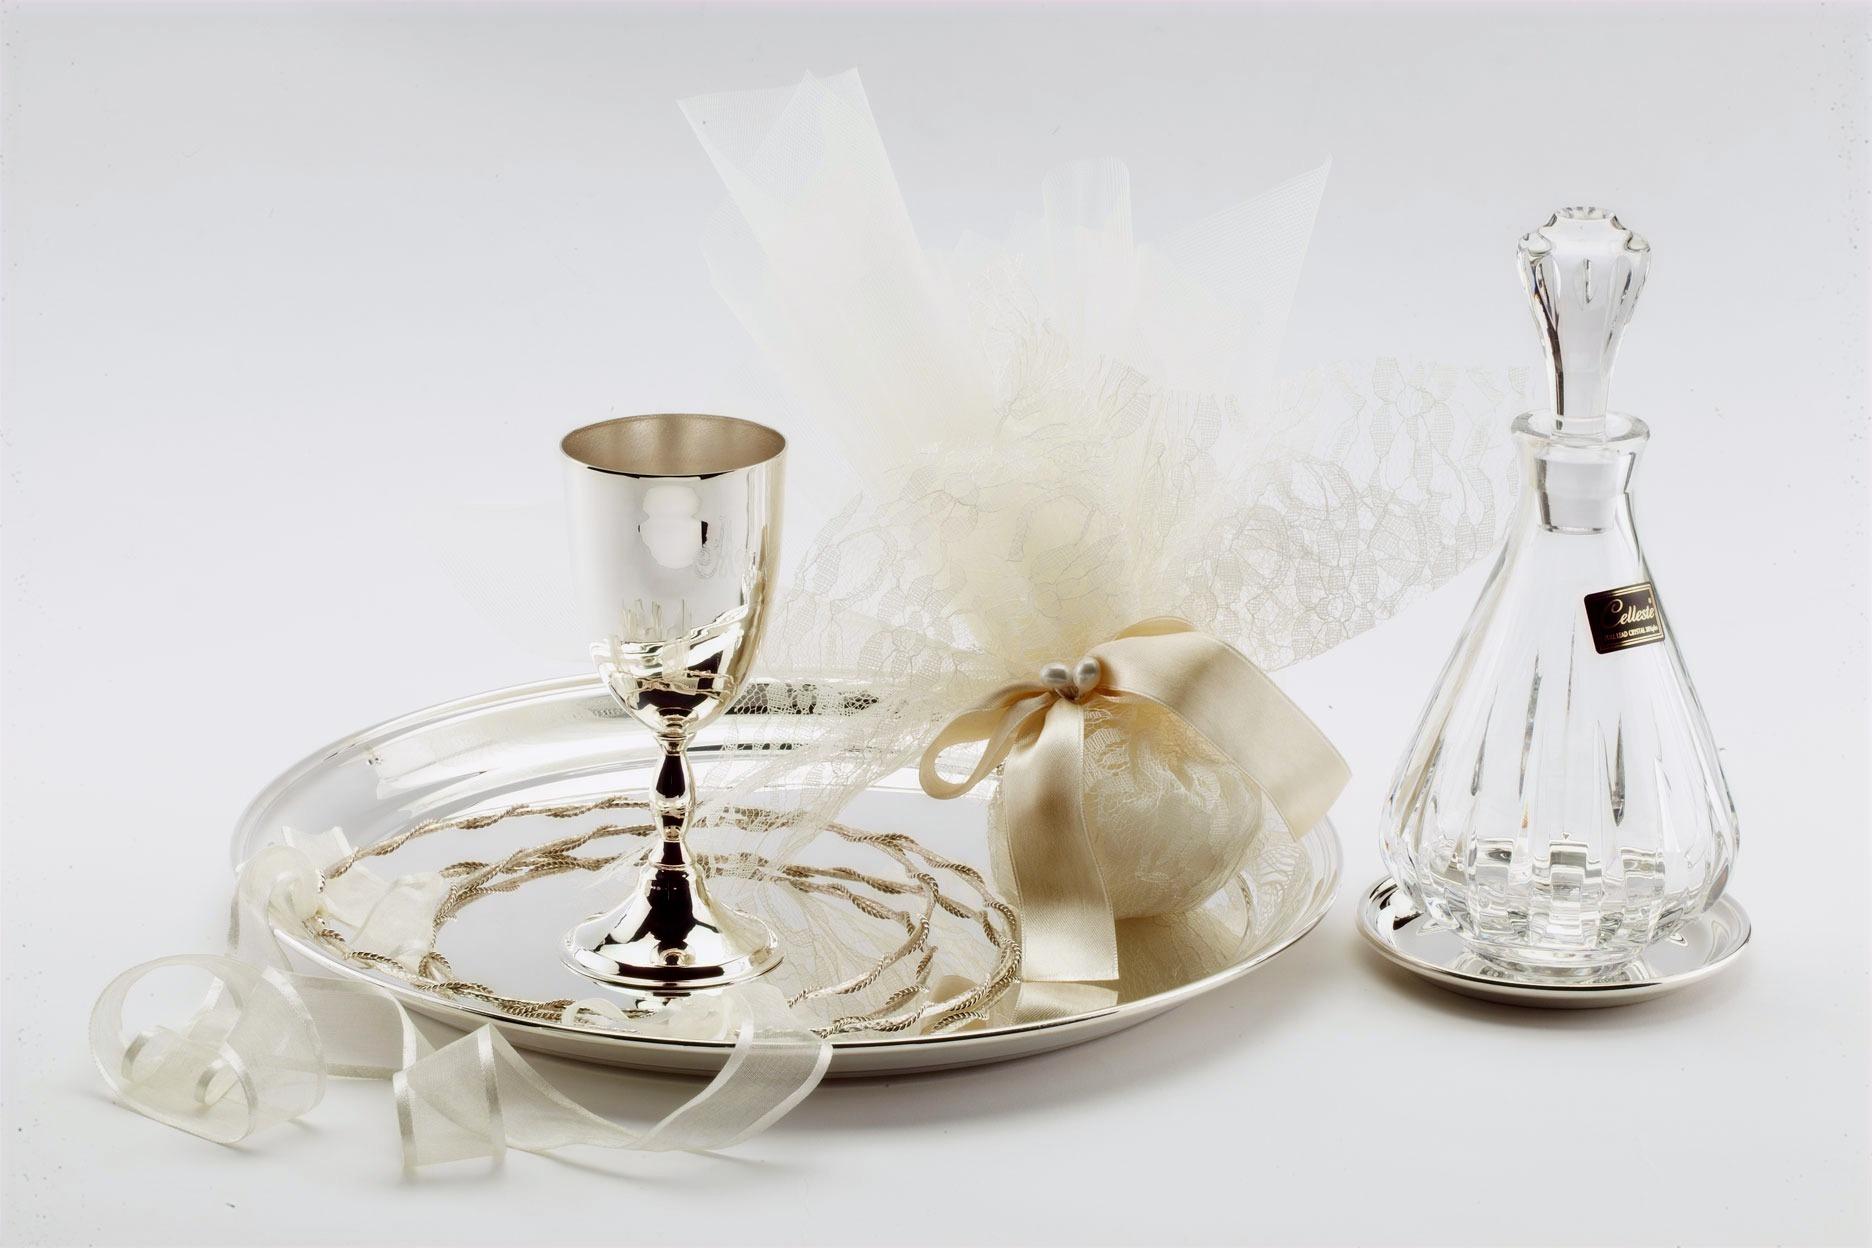 σετ γάμου - ασήμι & κράμα μετάλλων